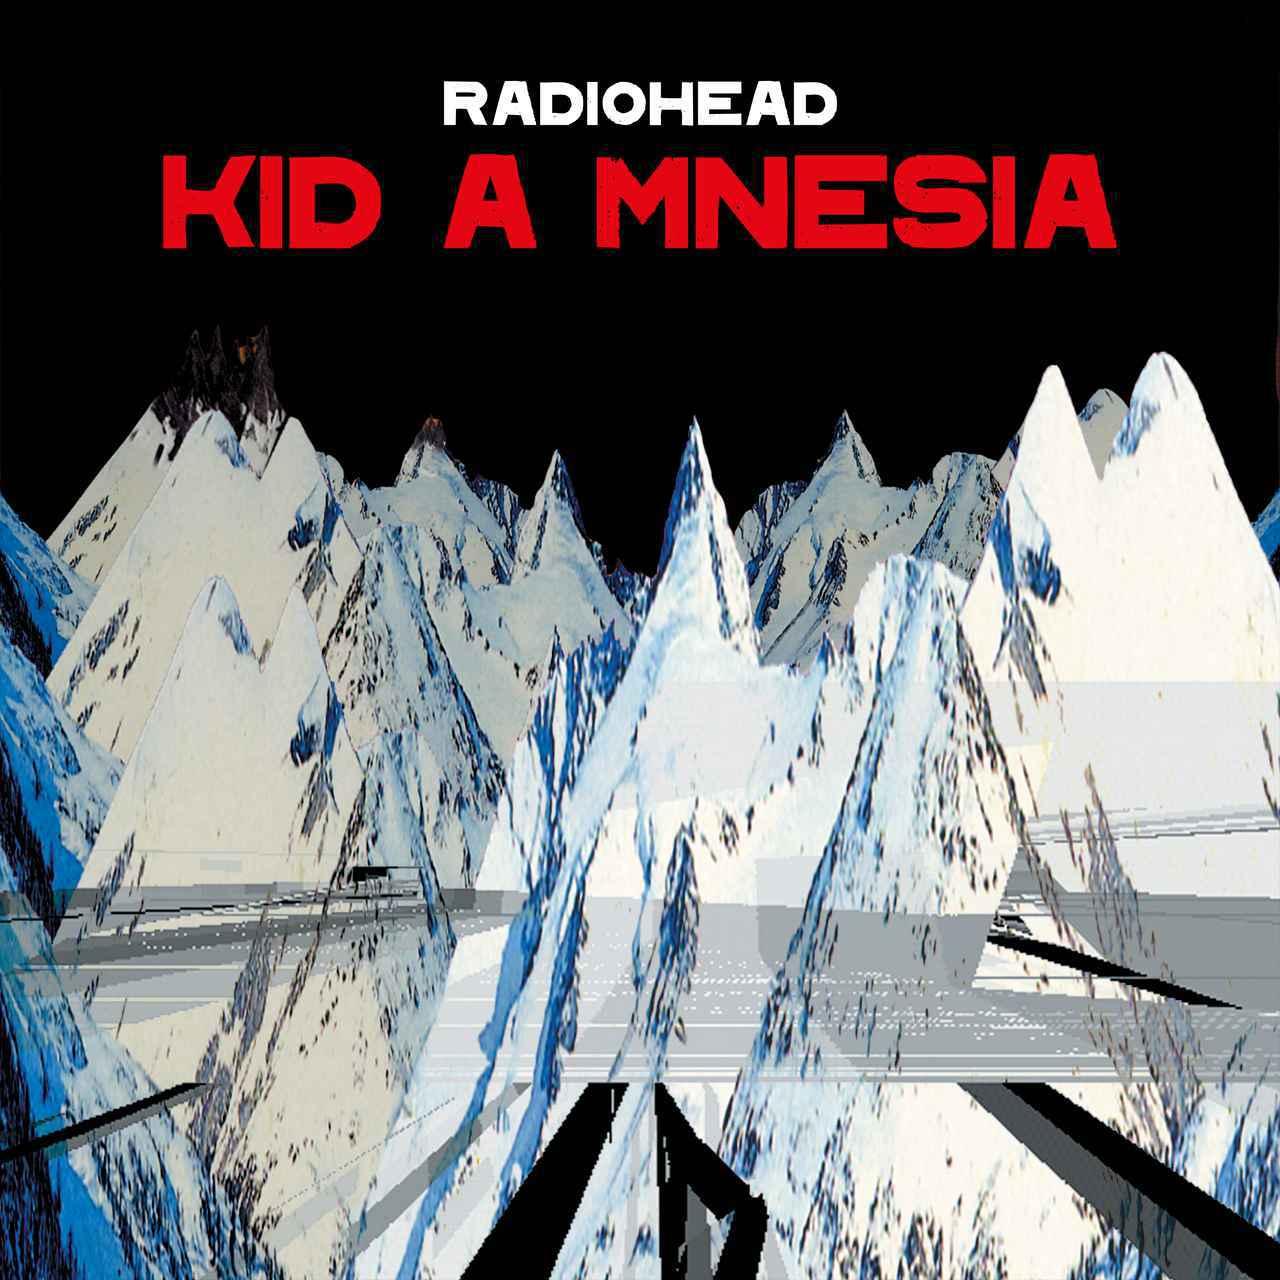 画像: レディオヘッド『Kid A Mnesia』